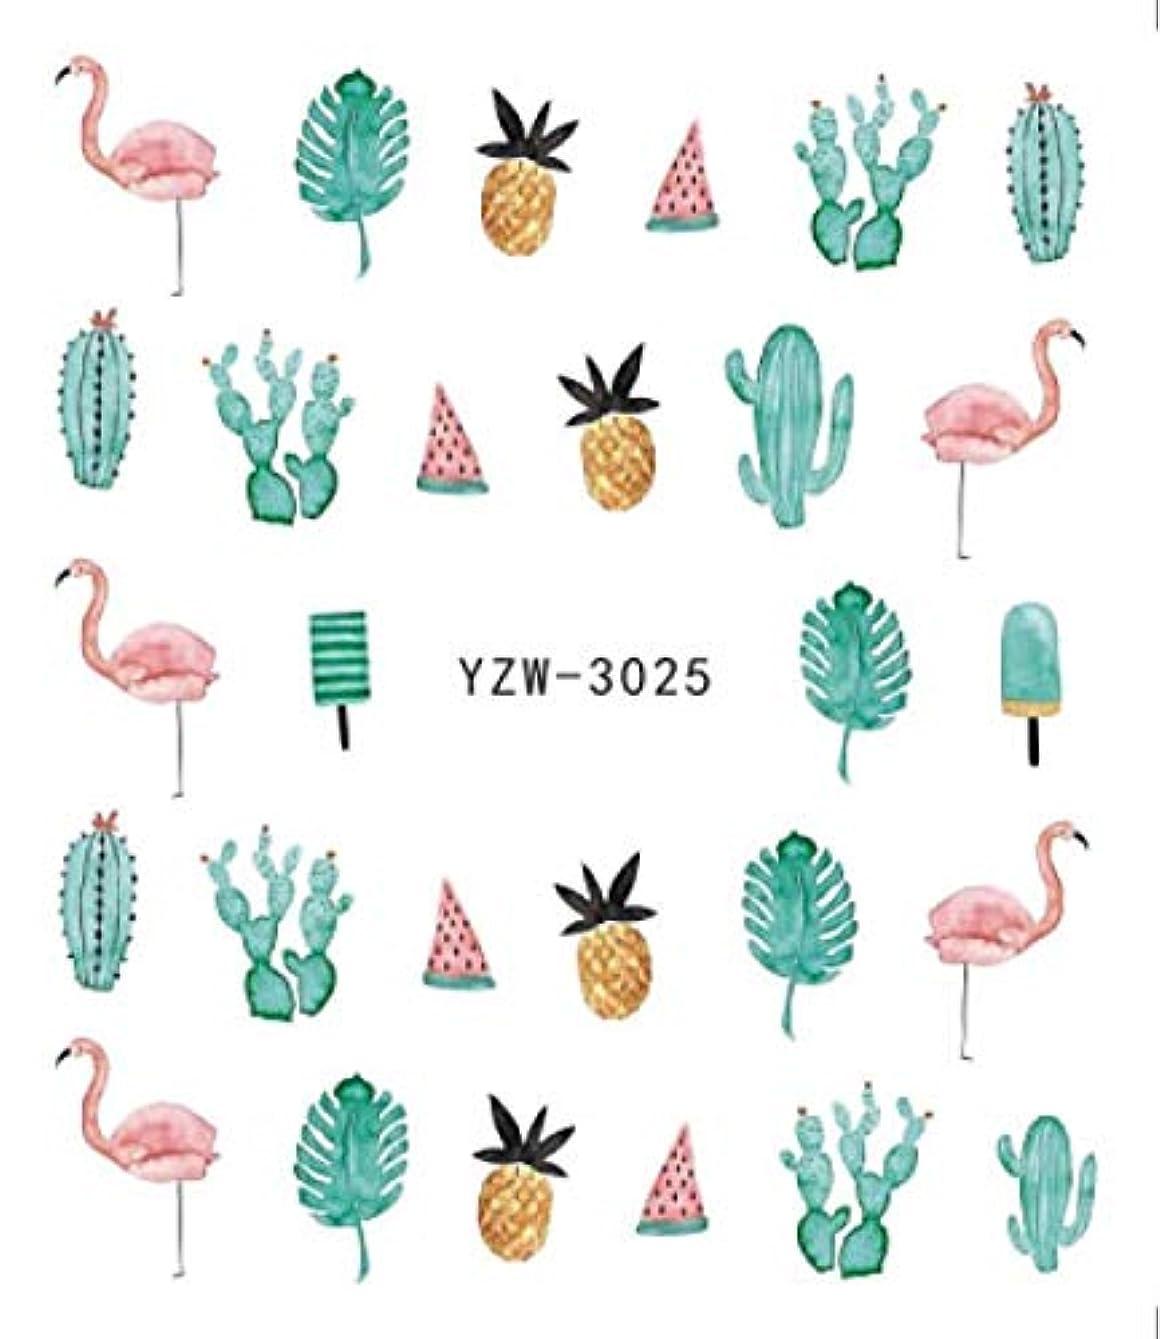 感じダッシュ店主SUKTI&XIAO ネイルステッカー 甘いフルーツネイルアート水転写ステッカーネイルデコレーションセット女性メイクアップdiy美容入れ墨ツール、Yzw-3025